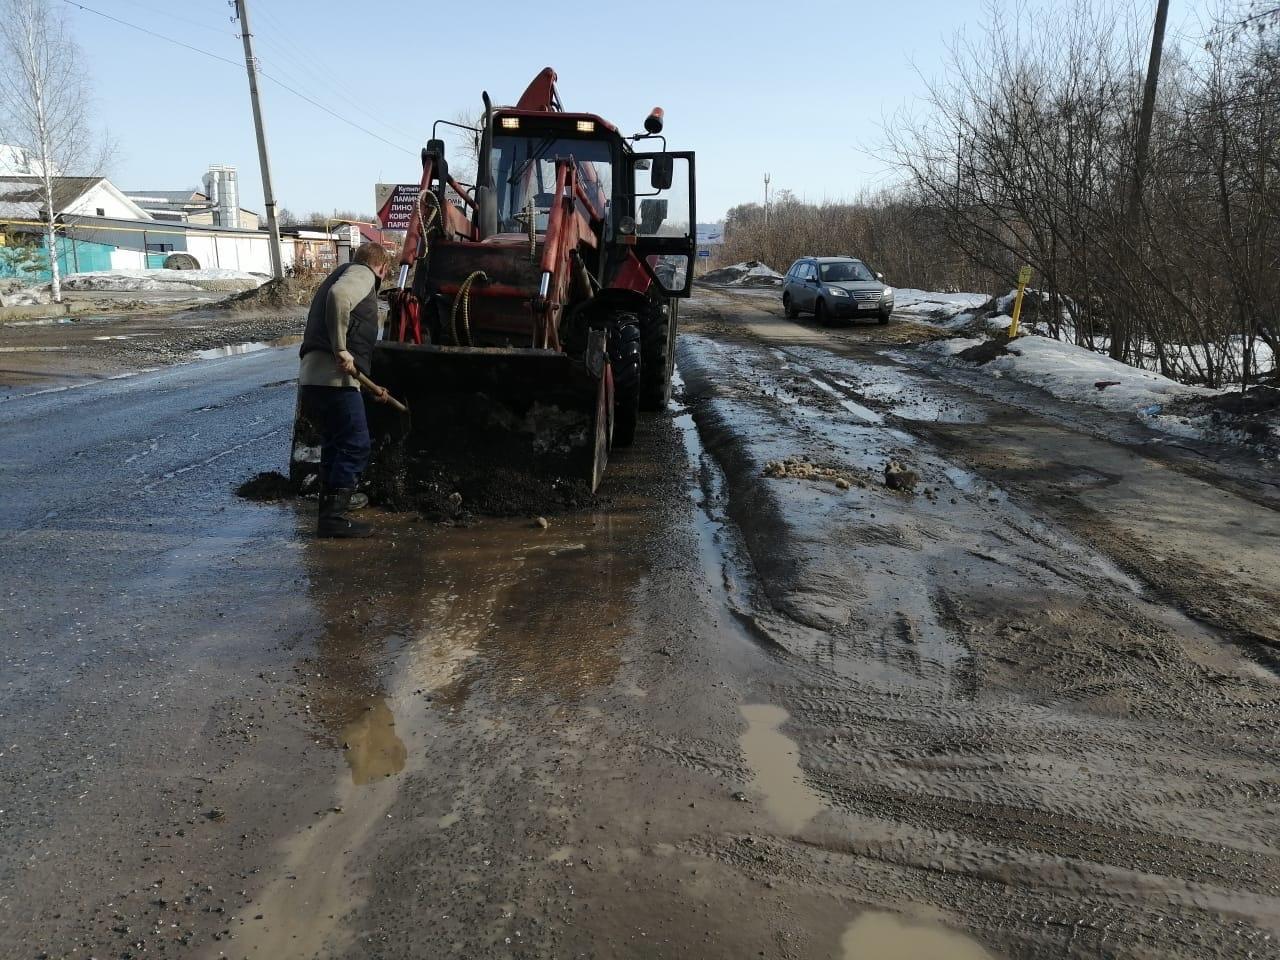 Работники МУП ЖКХ прокопали 224 метра водоотводных канав и прочистили 31 трубу ливневого стока улично-дорожной сети